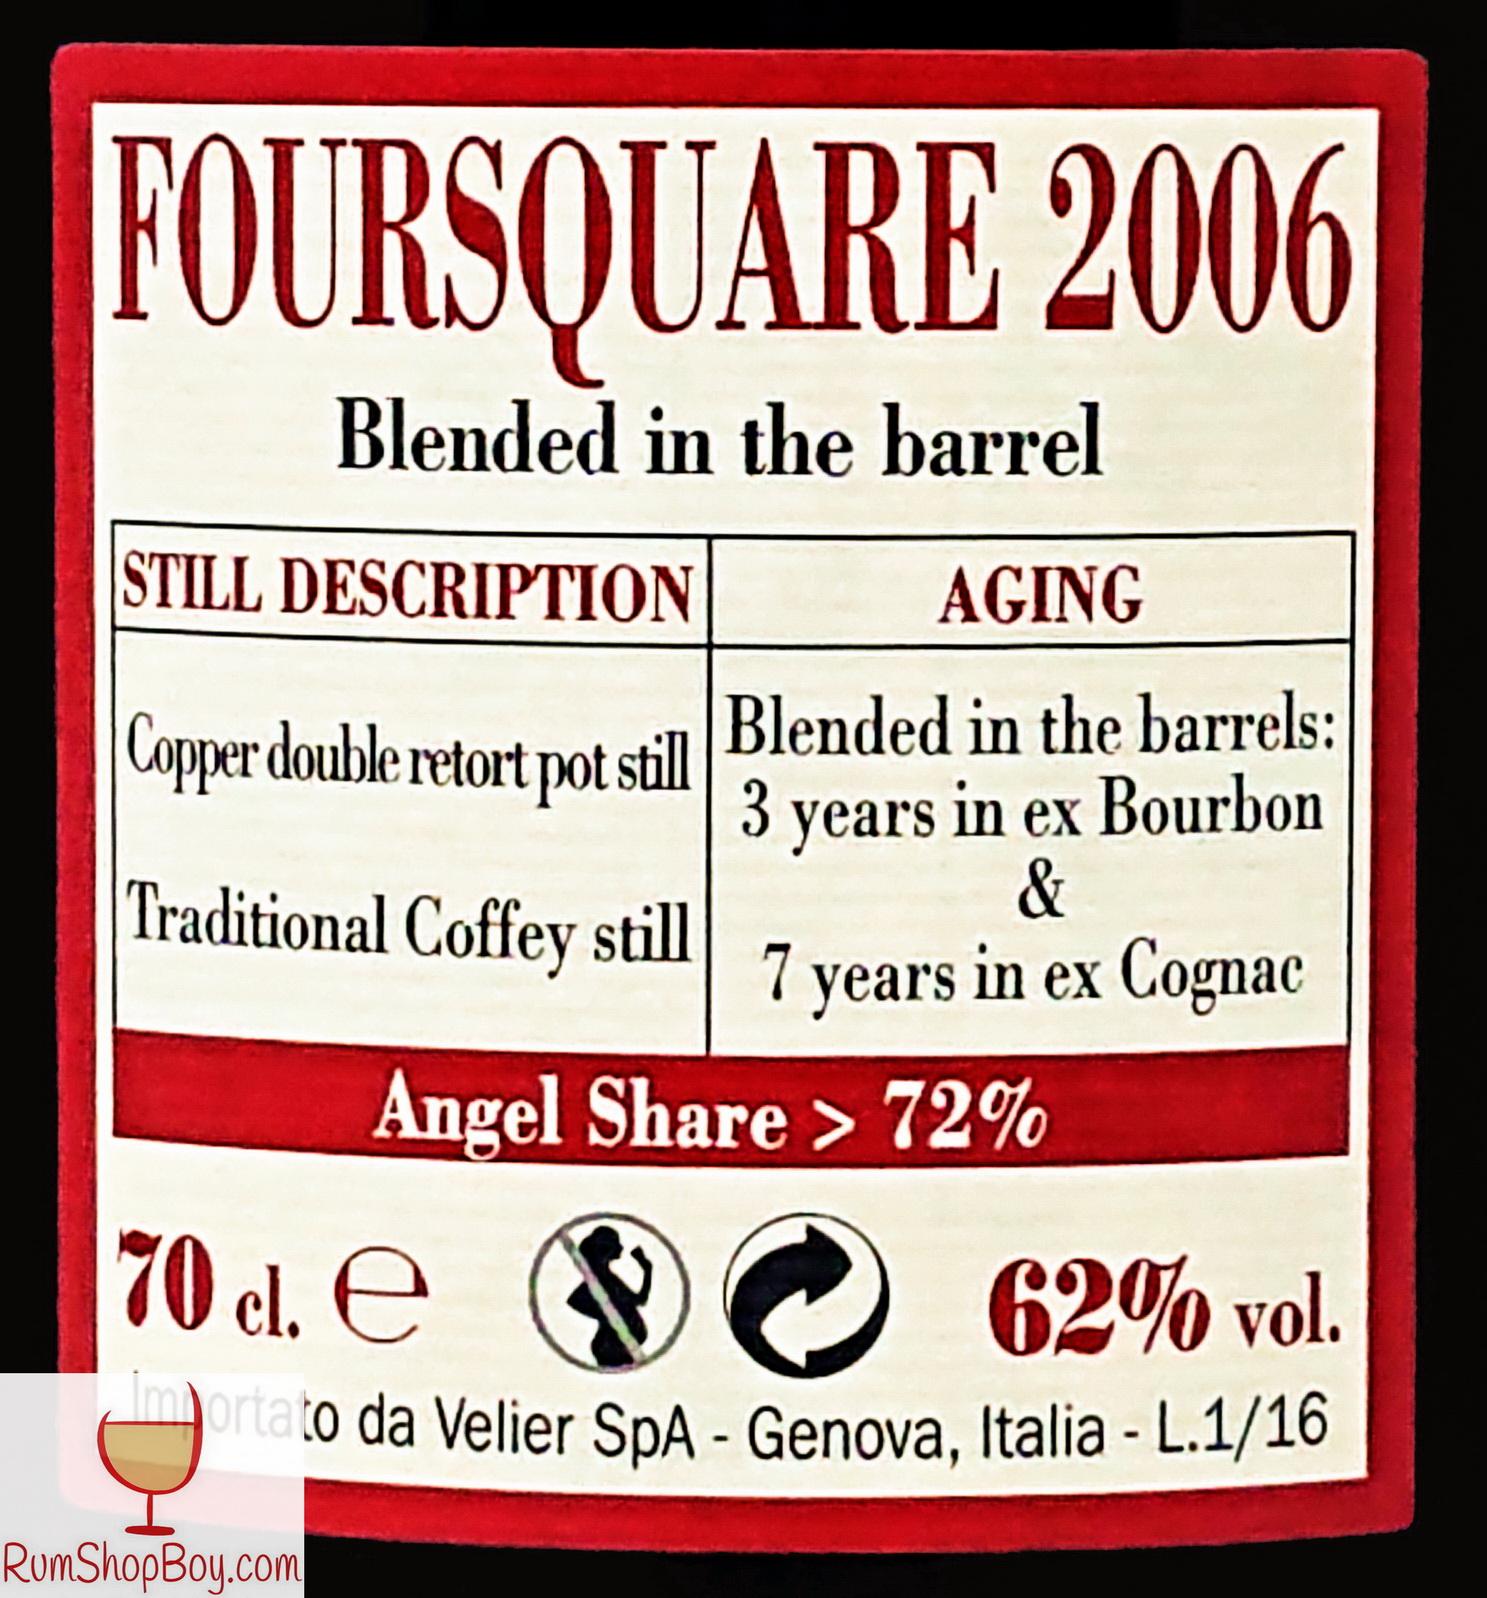 Foursquare 2006 Rear Label